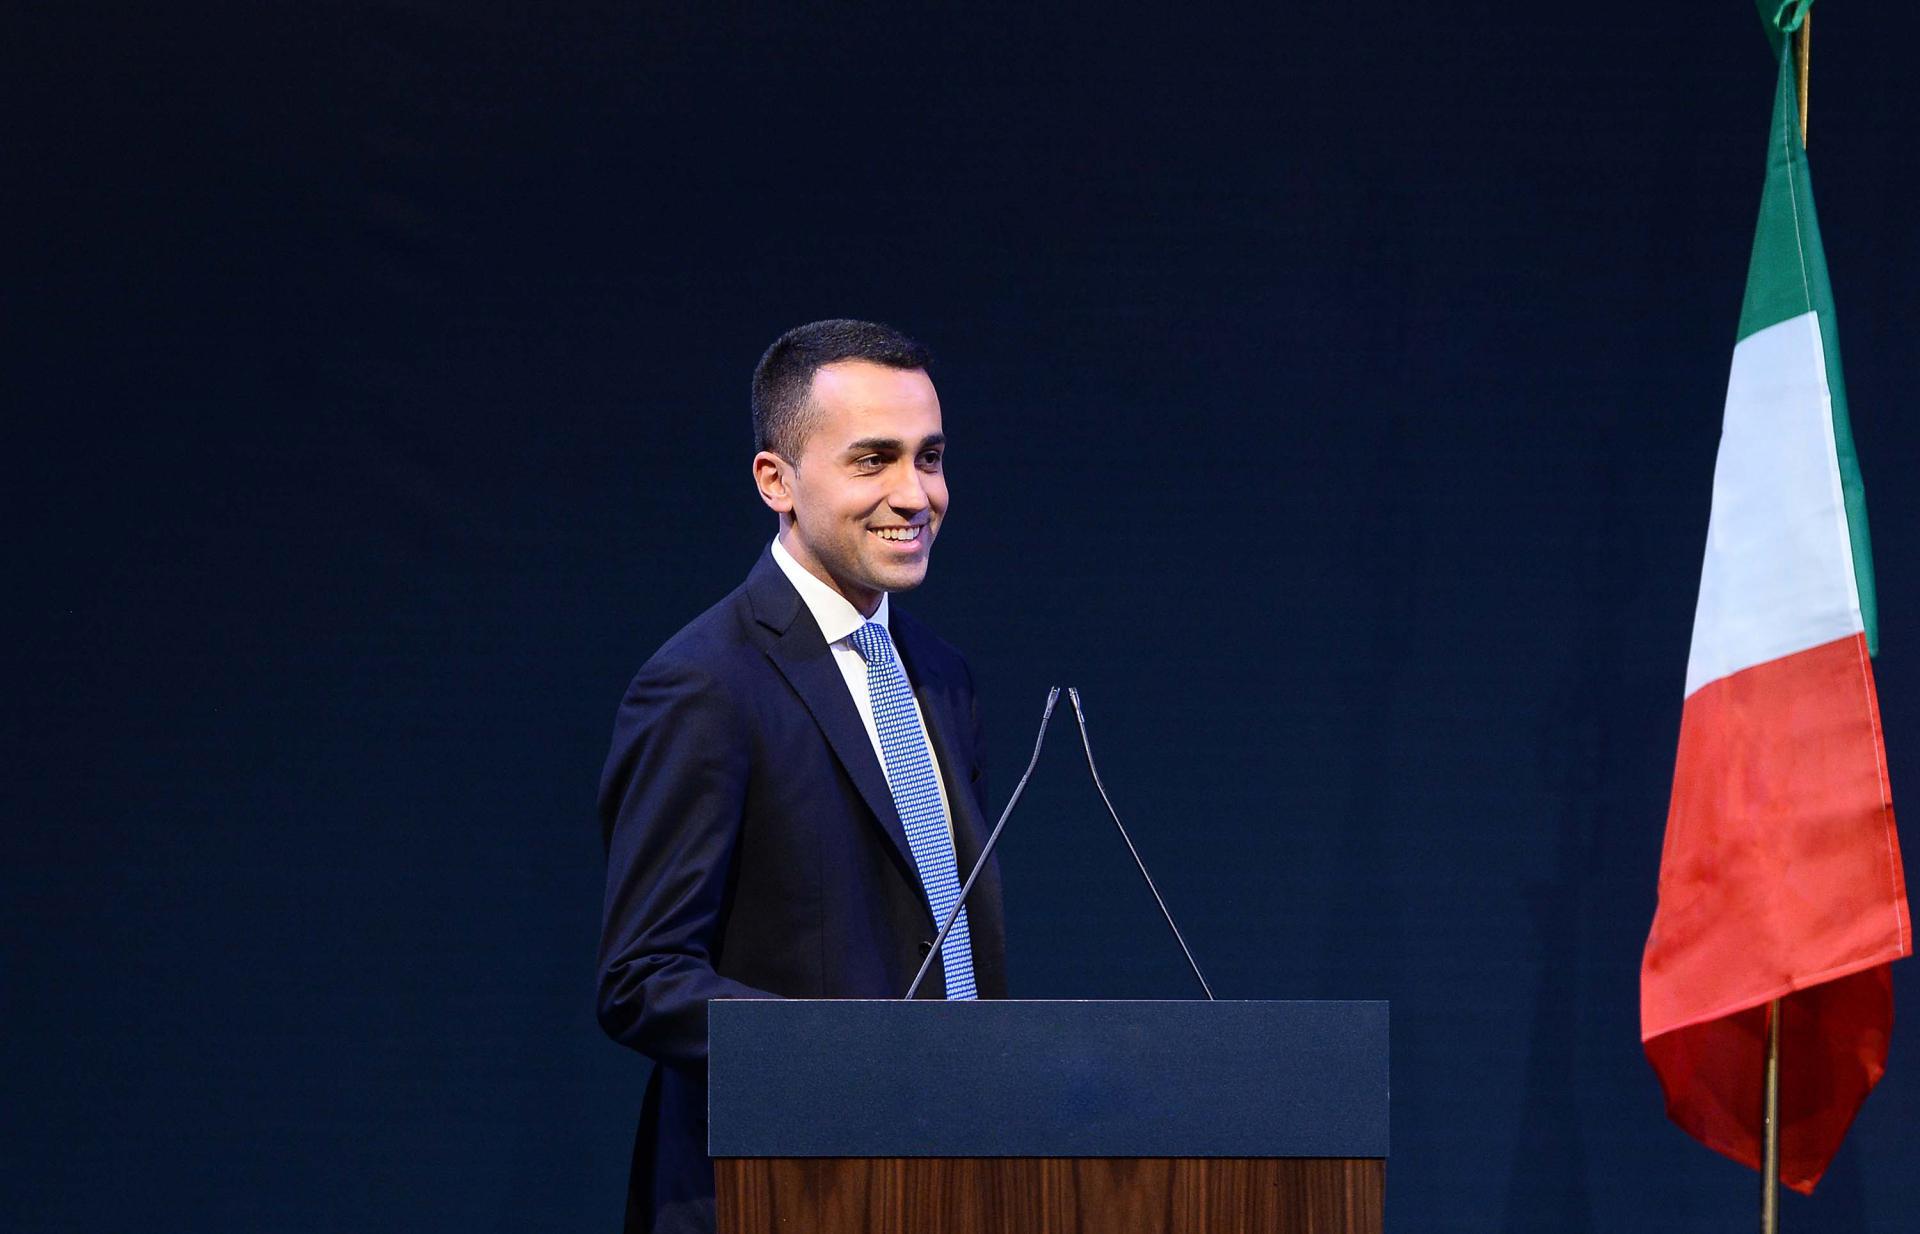 Luigi Di Maio, ministre Italien des Affaires étrangères et de la Coopération internationale. © DR